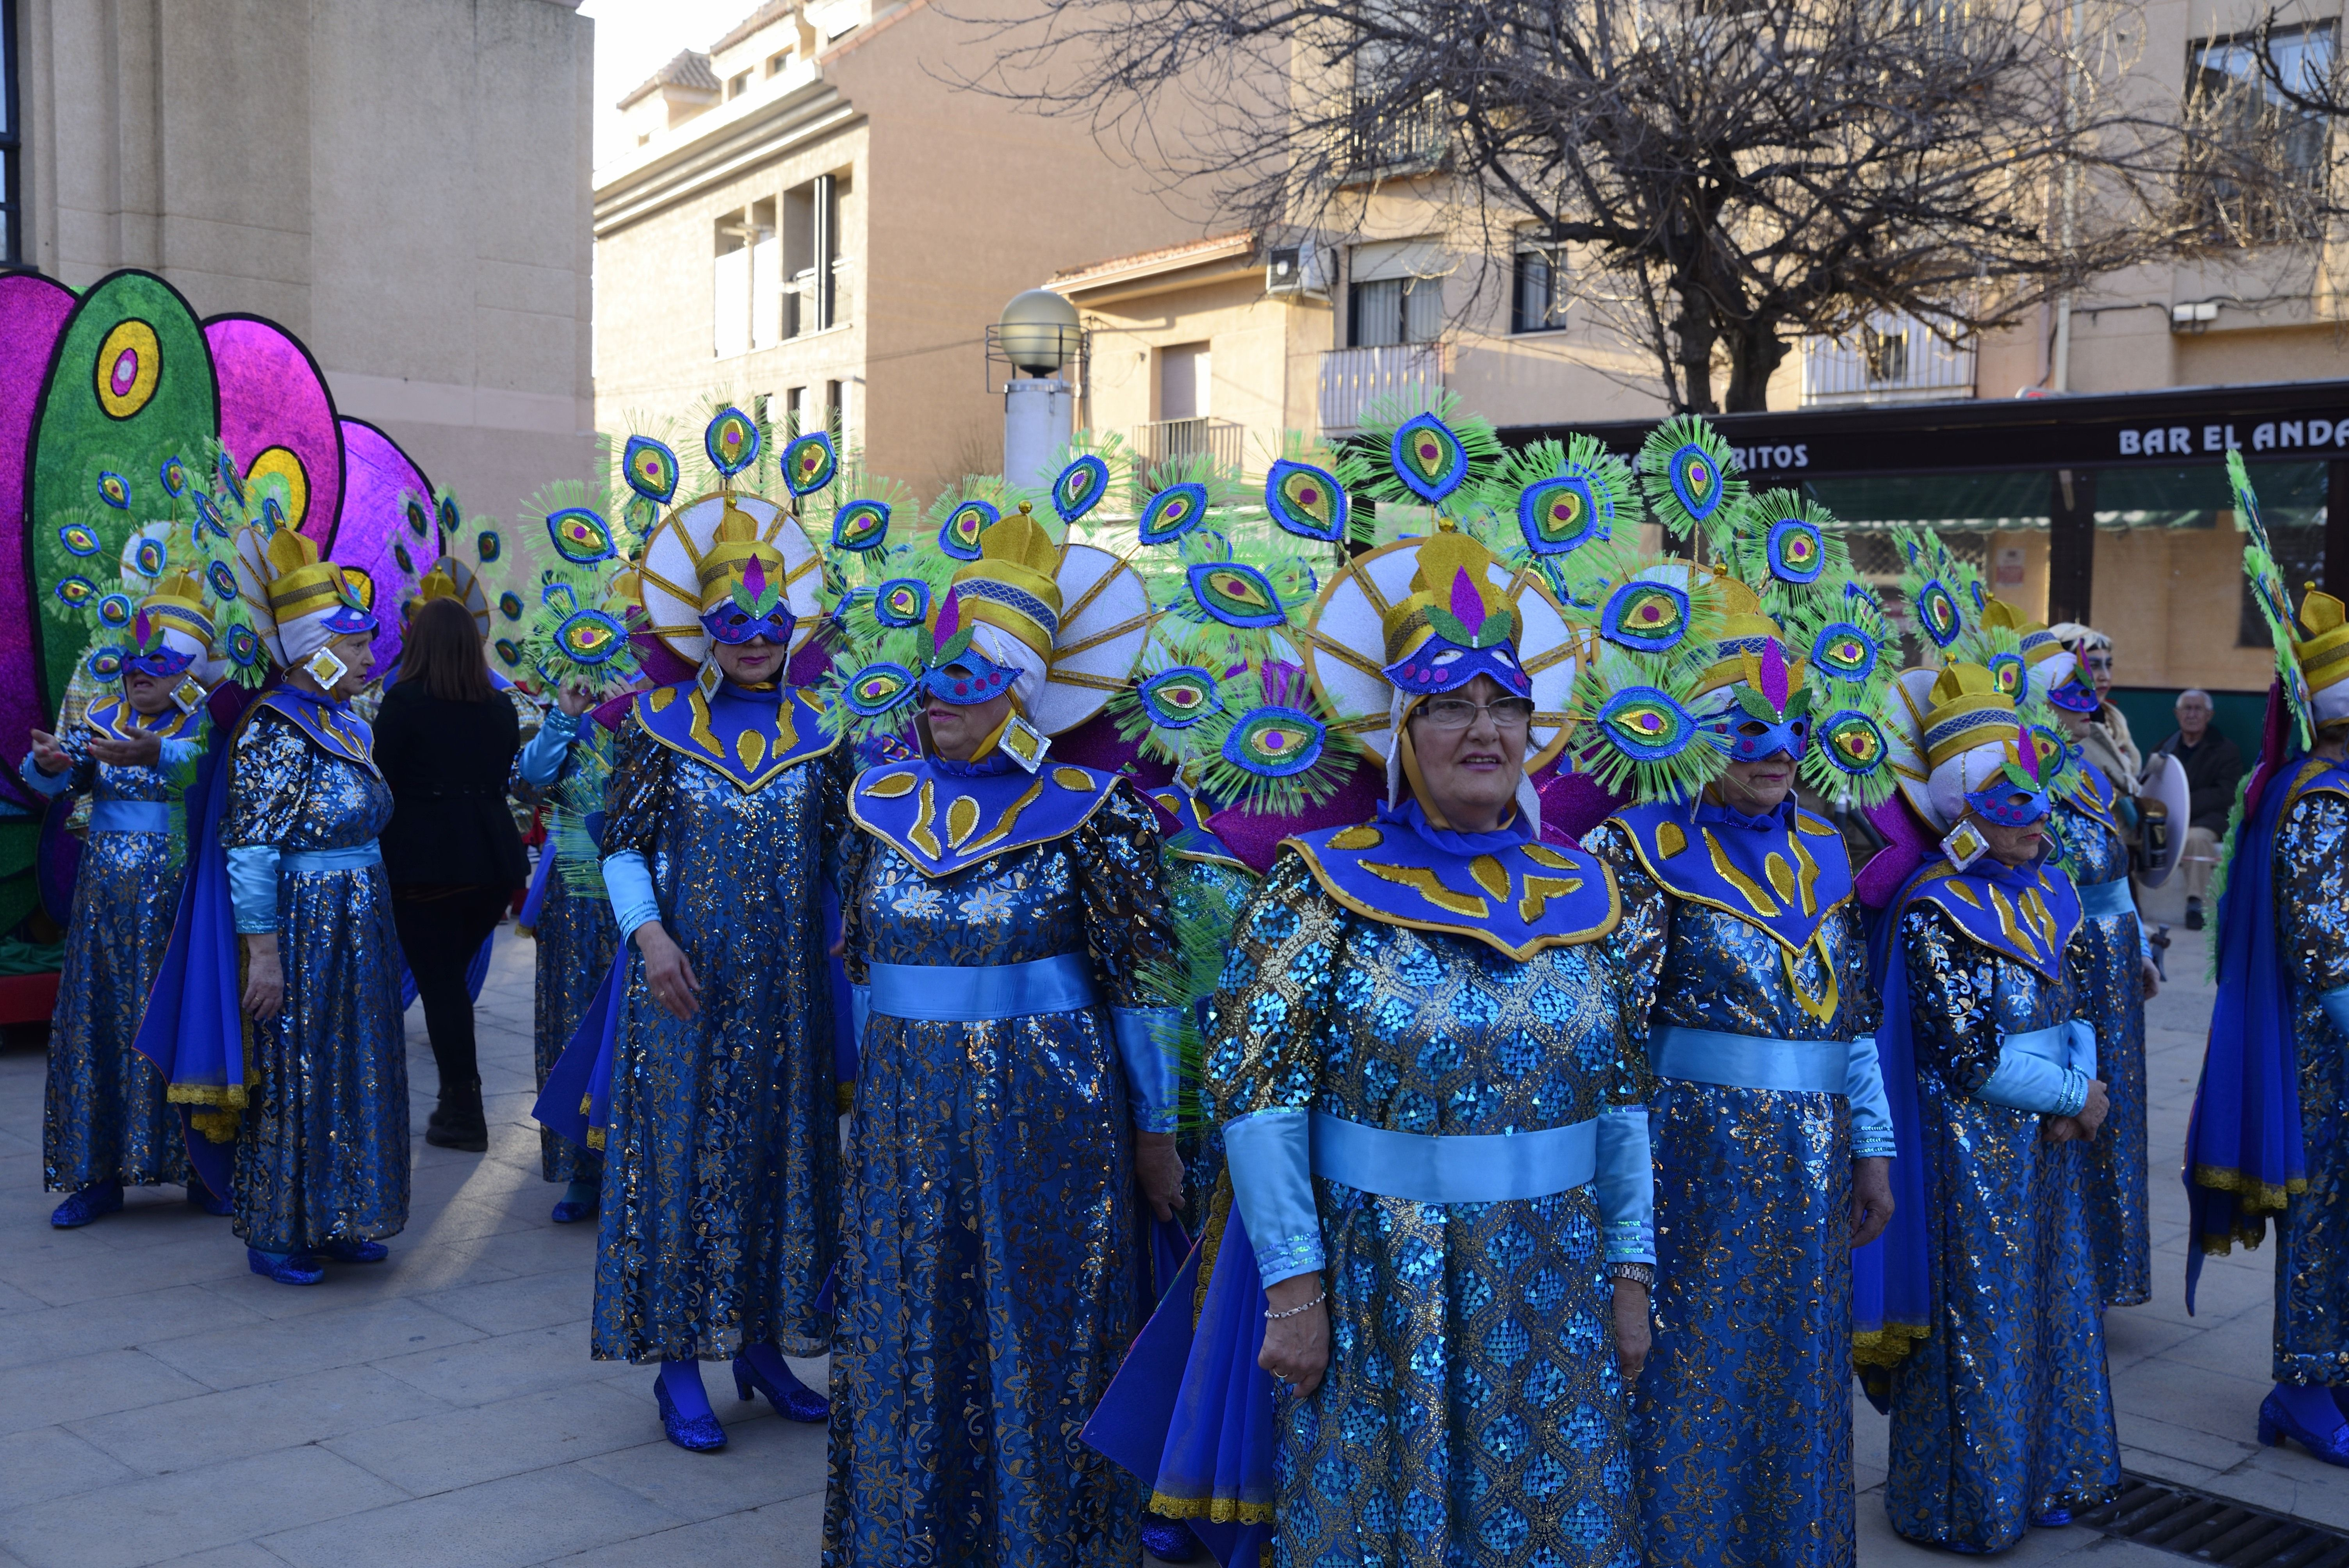 Presentación de inscripciones para participar en el Carnaval 2018, hasta el 9 de febrero